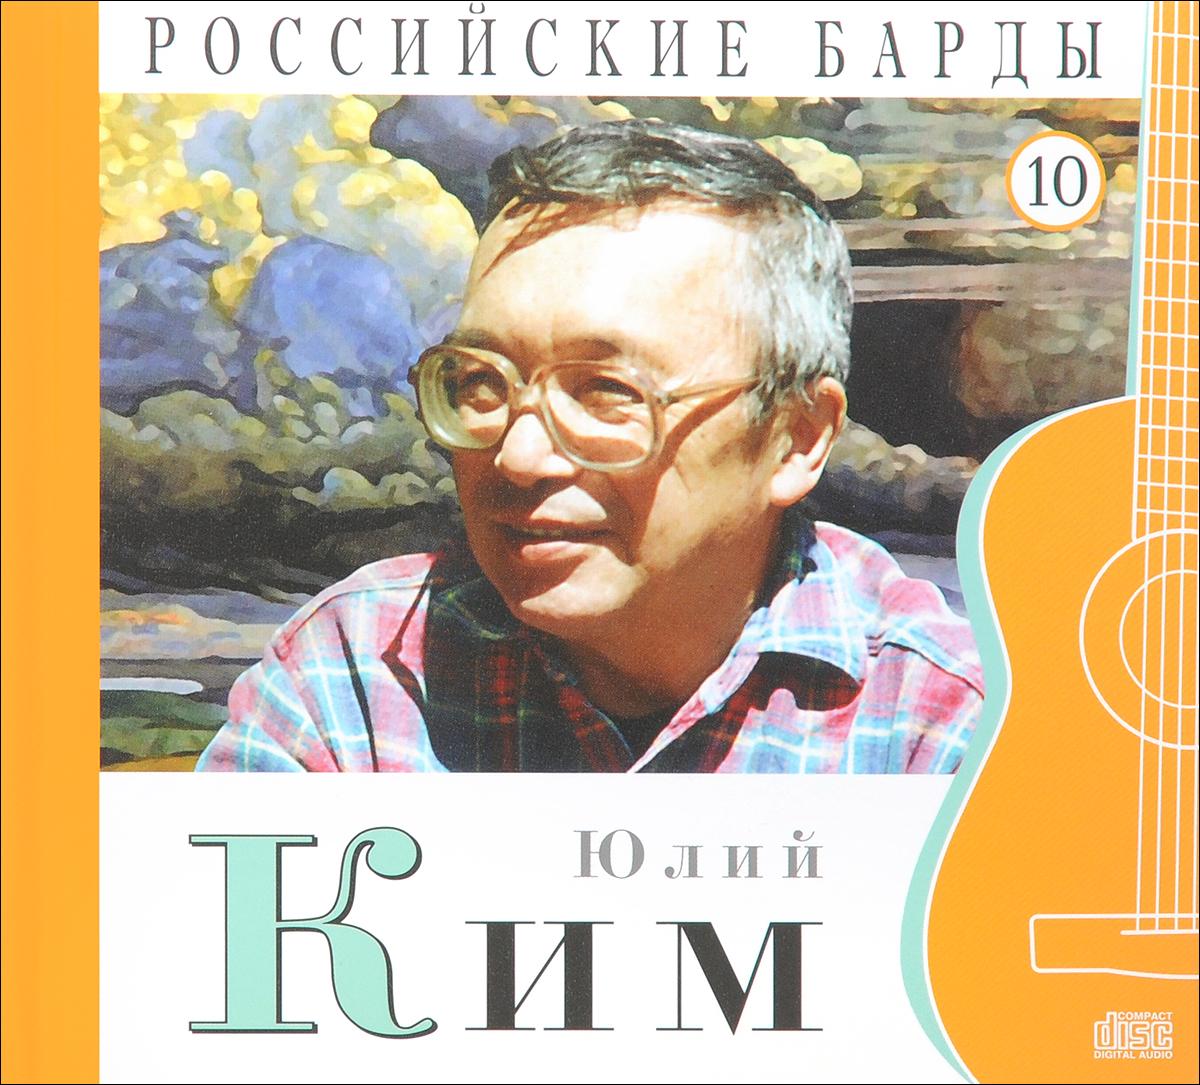 Юлий Ким Российские барды. Том 10. Юлий Ким (+ CD) аудиокниги proffi cd book российские барды классики бардовской песни